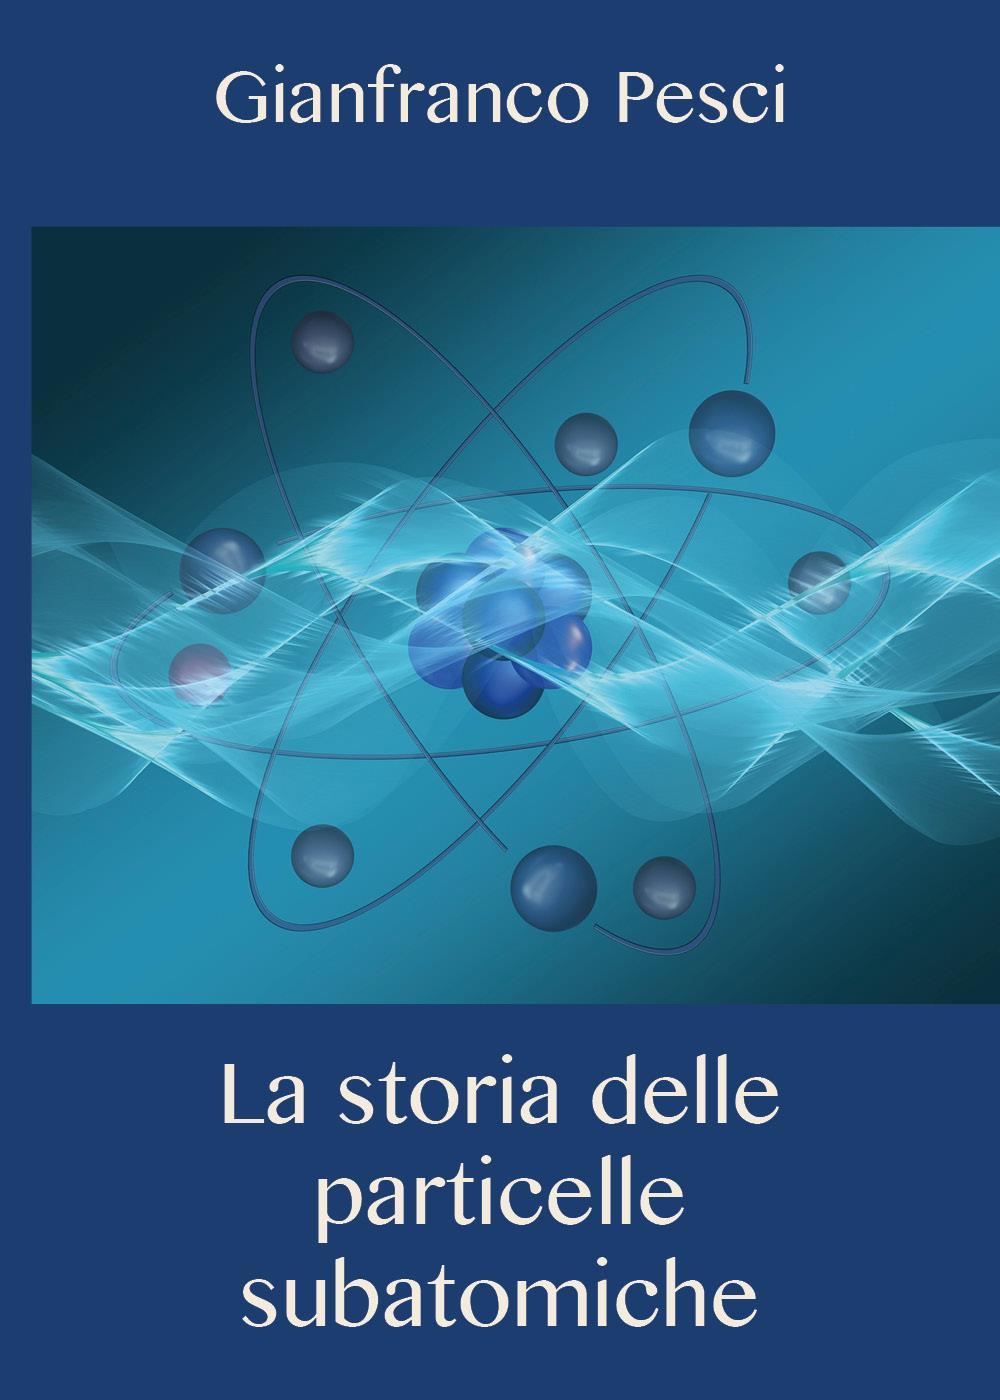 La storia delle particelle subatomiche